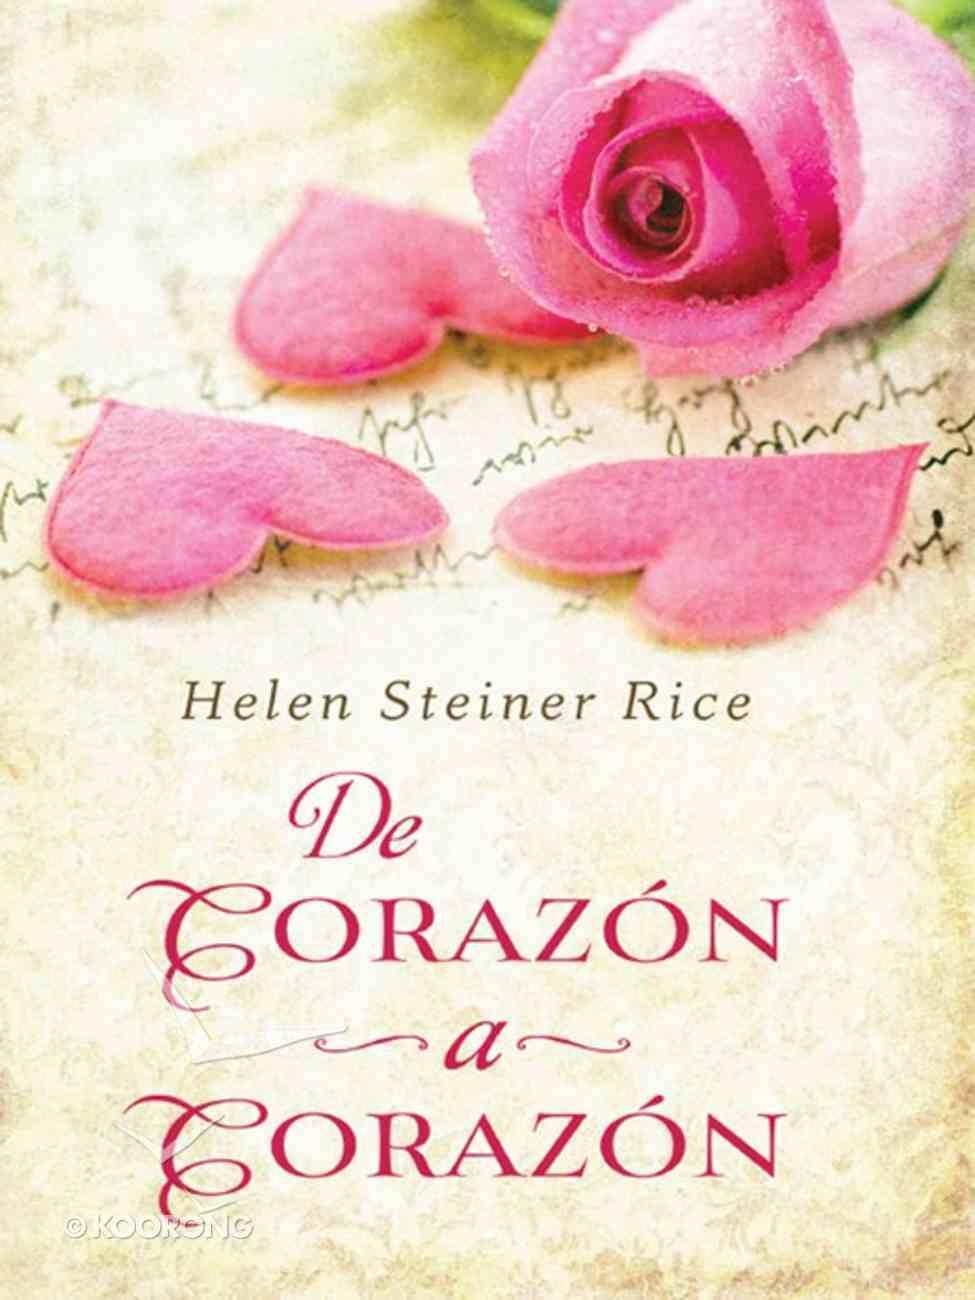 De Corazon a Corazon Heart (Heart To Heart) eBook